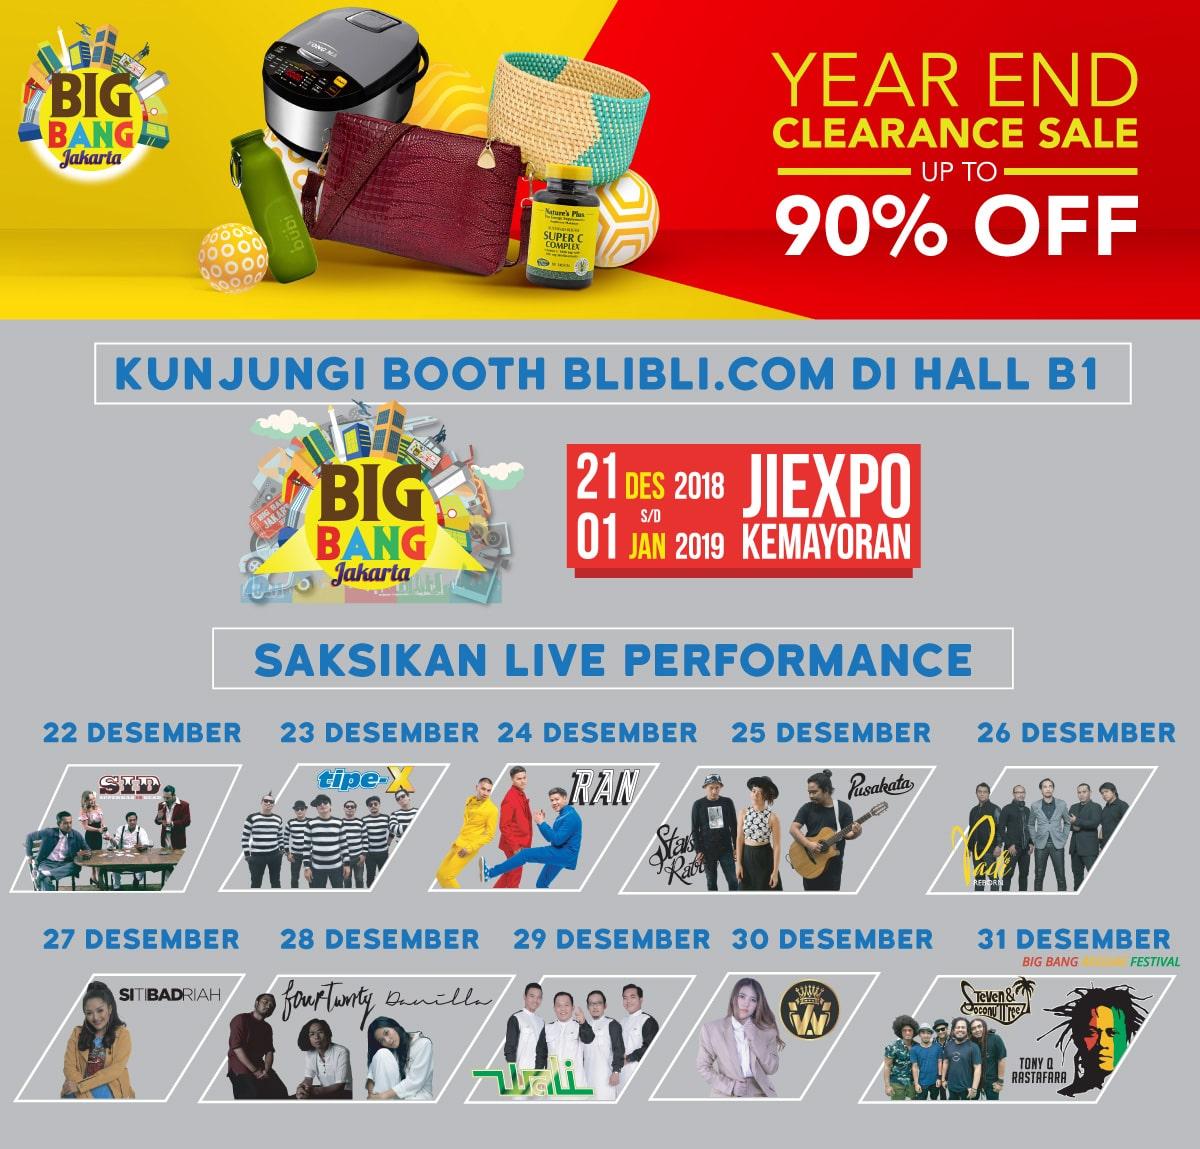 #BliBli - Promo Diskon 90% di Booth BliBli JIEXPO Kemayoran (s.d 01 Jan 2019)